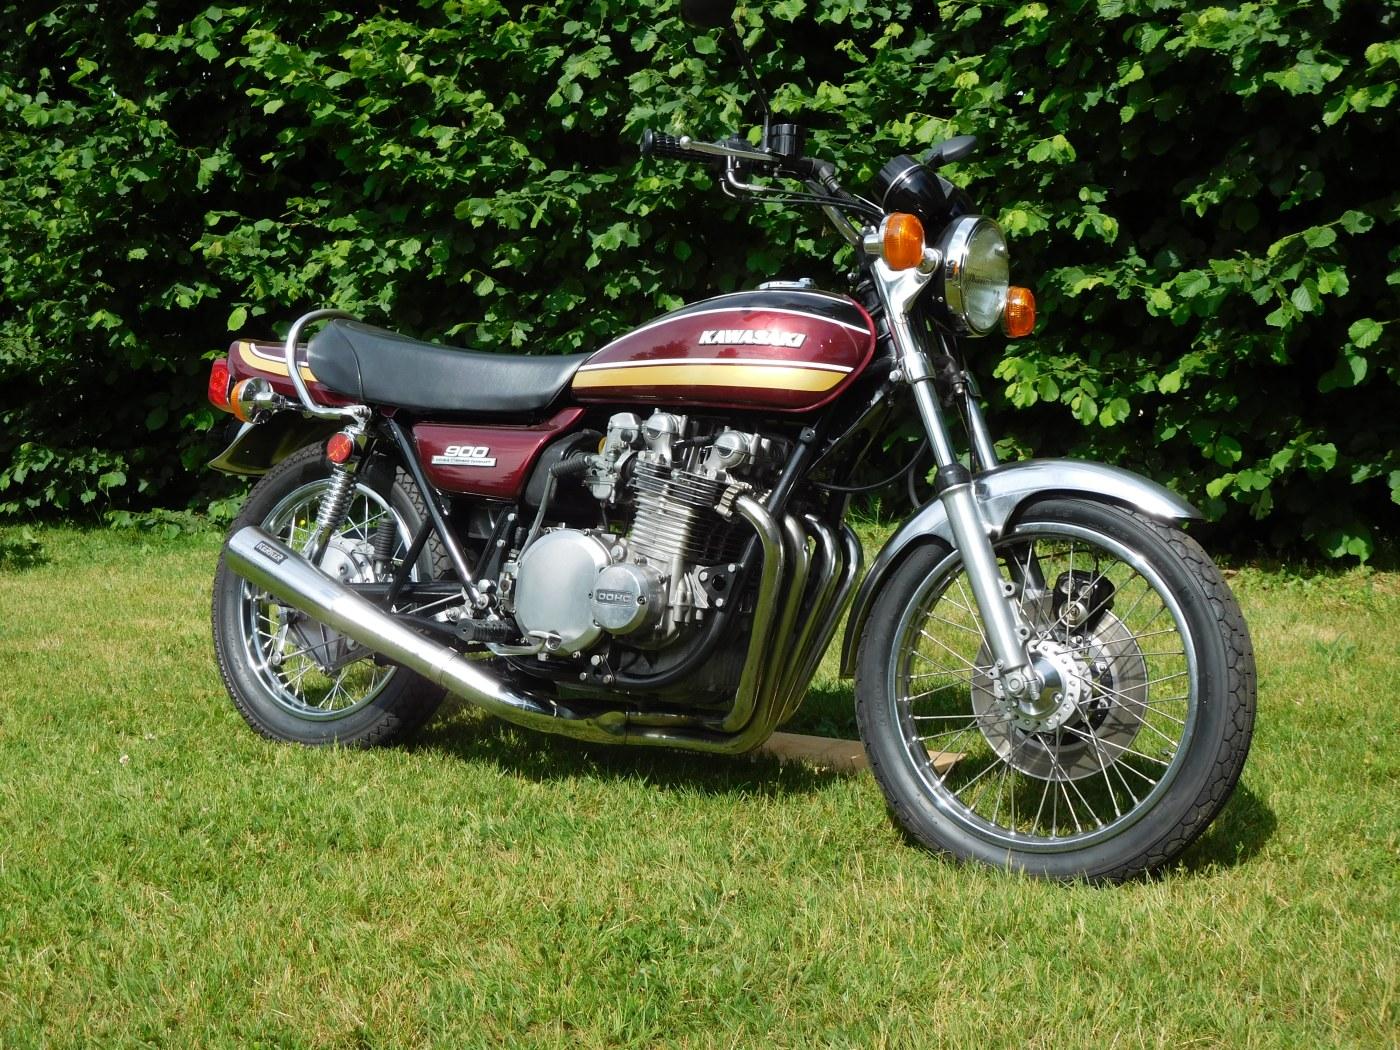 27-KAWASAKI-Z-900-1976-look-1975